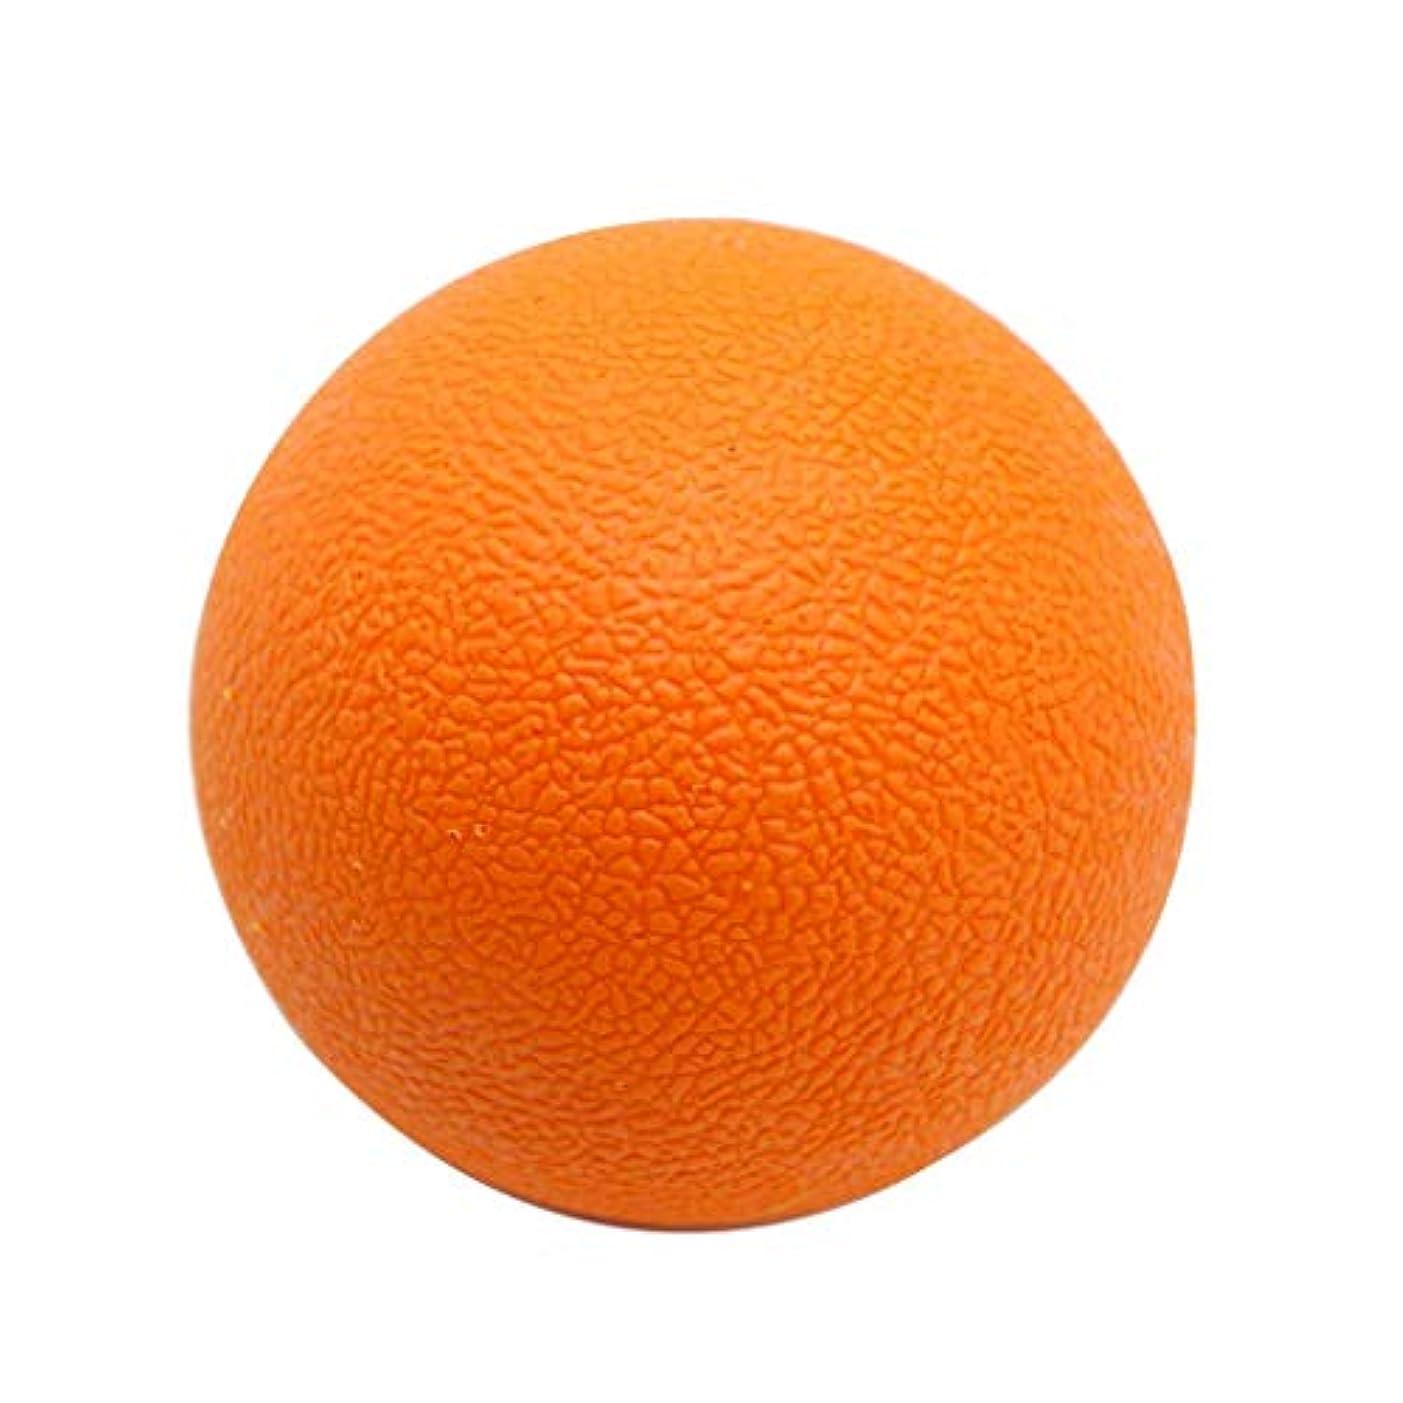 みがきます宿命会計Baoblaze ラクロスボール マッサージボール トリガーポイント 筋膜リリース 背中 首 ツボ押しグッズ オレンジ